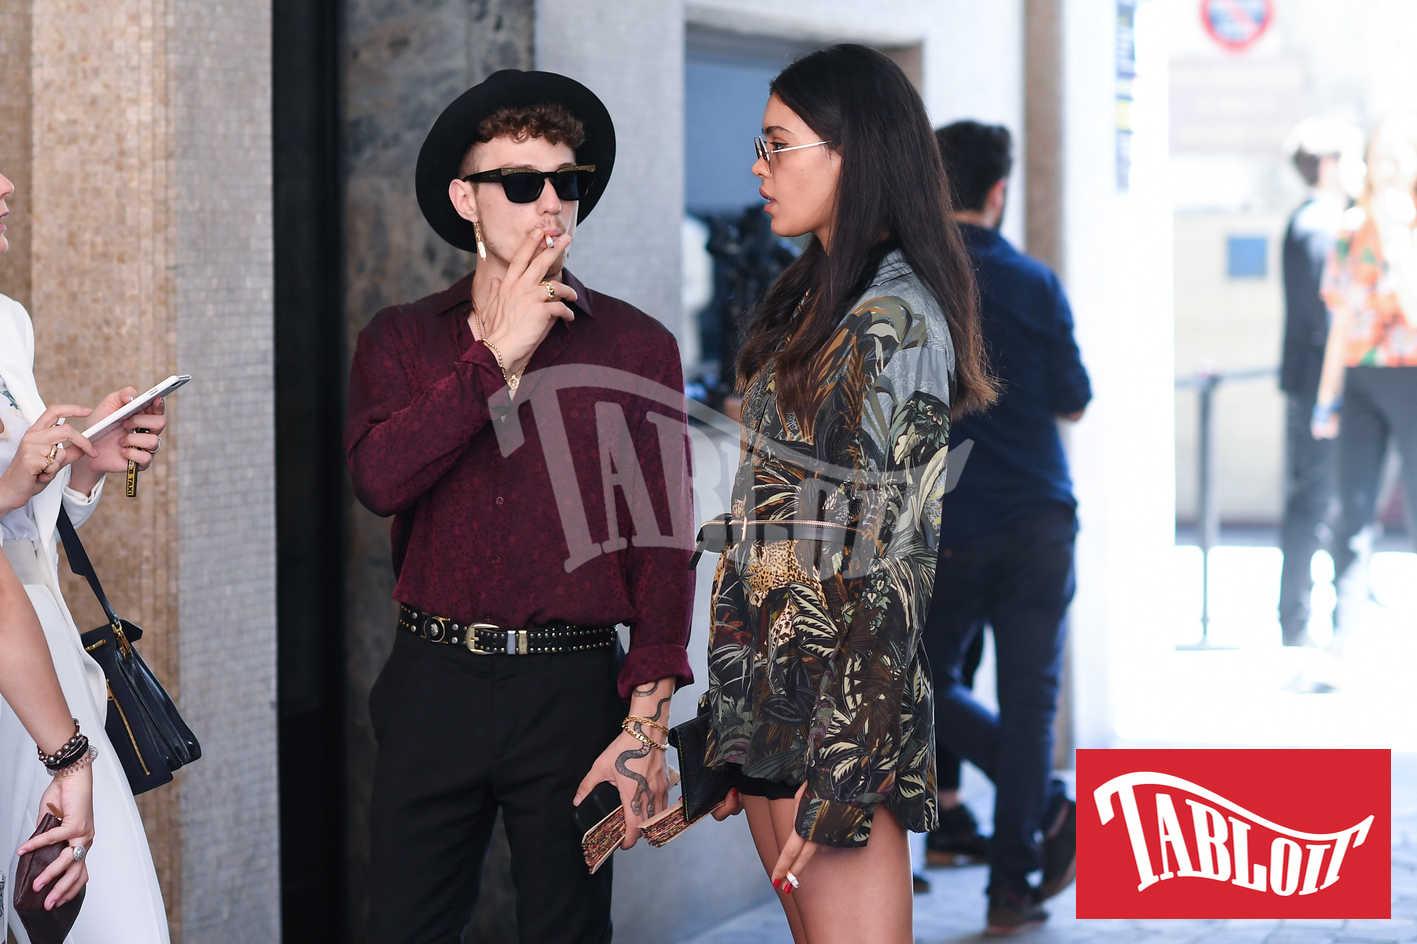 Irama, prima foto social con la nuova fidanzata Victoria Stella